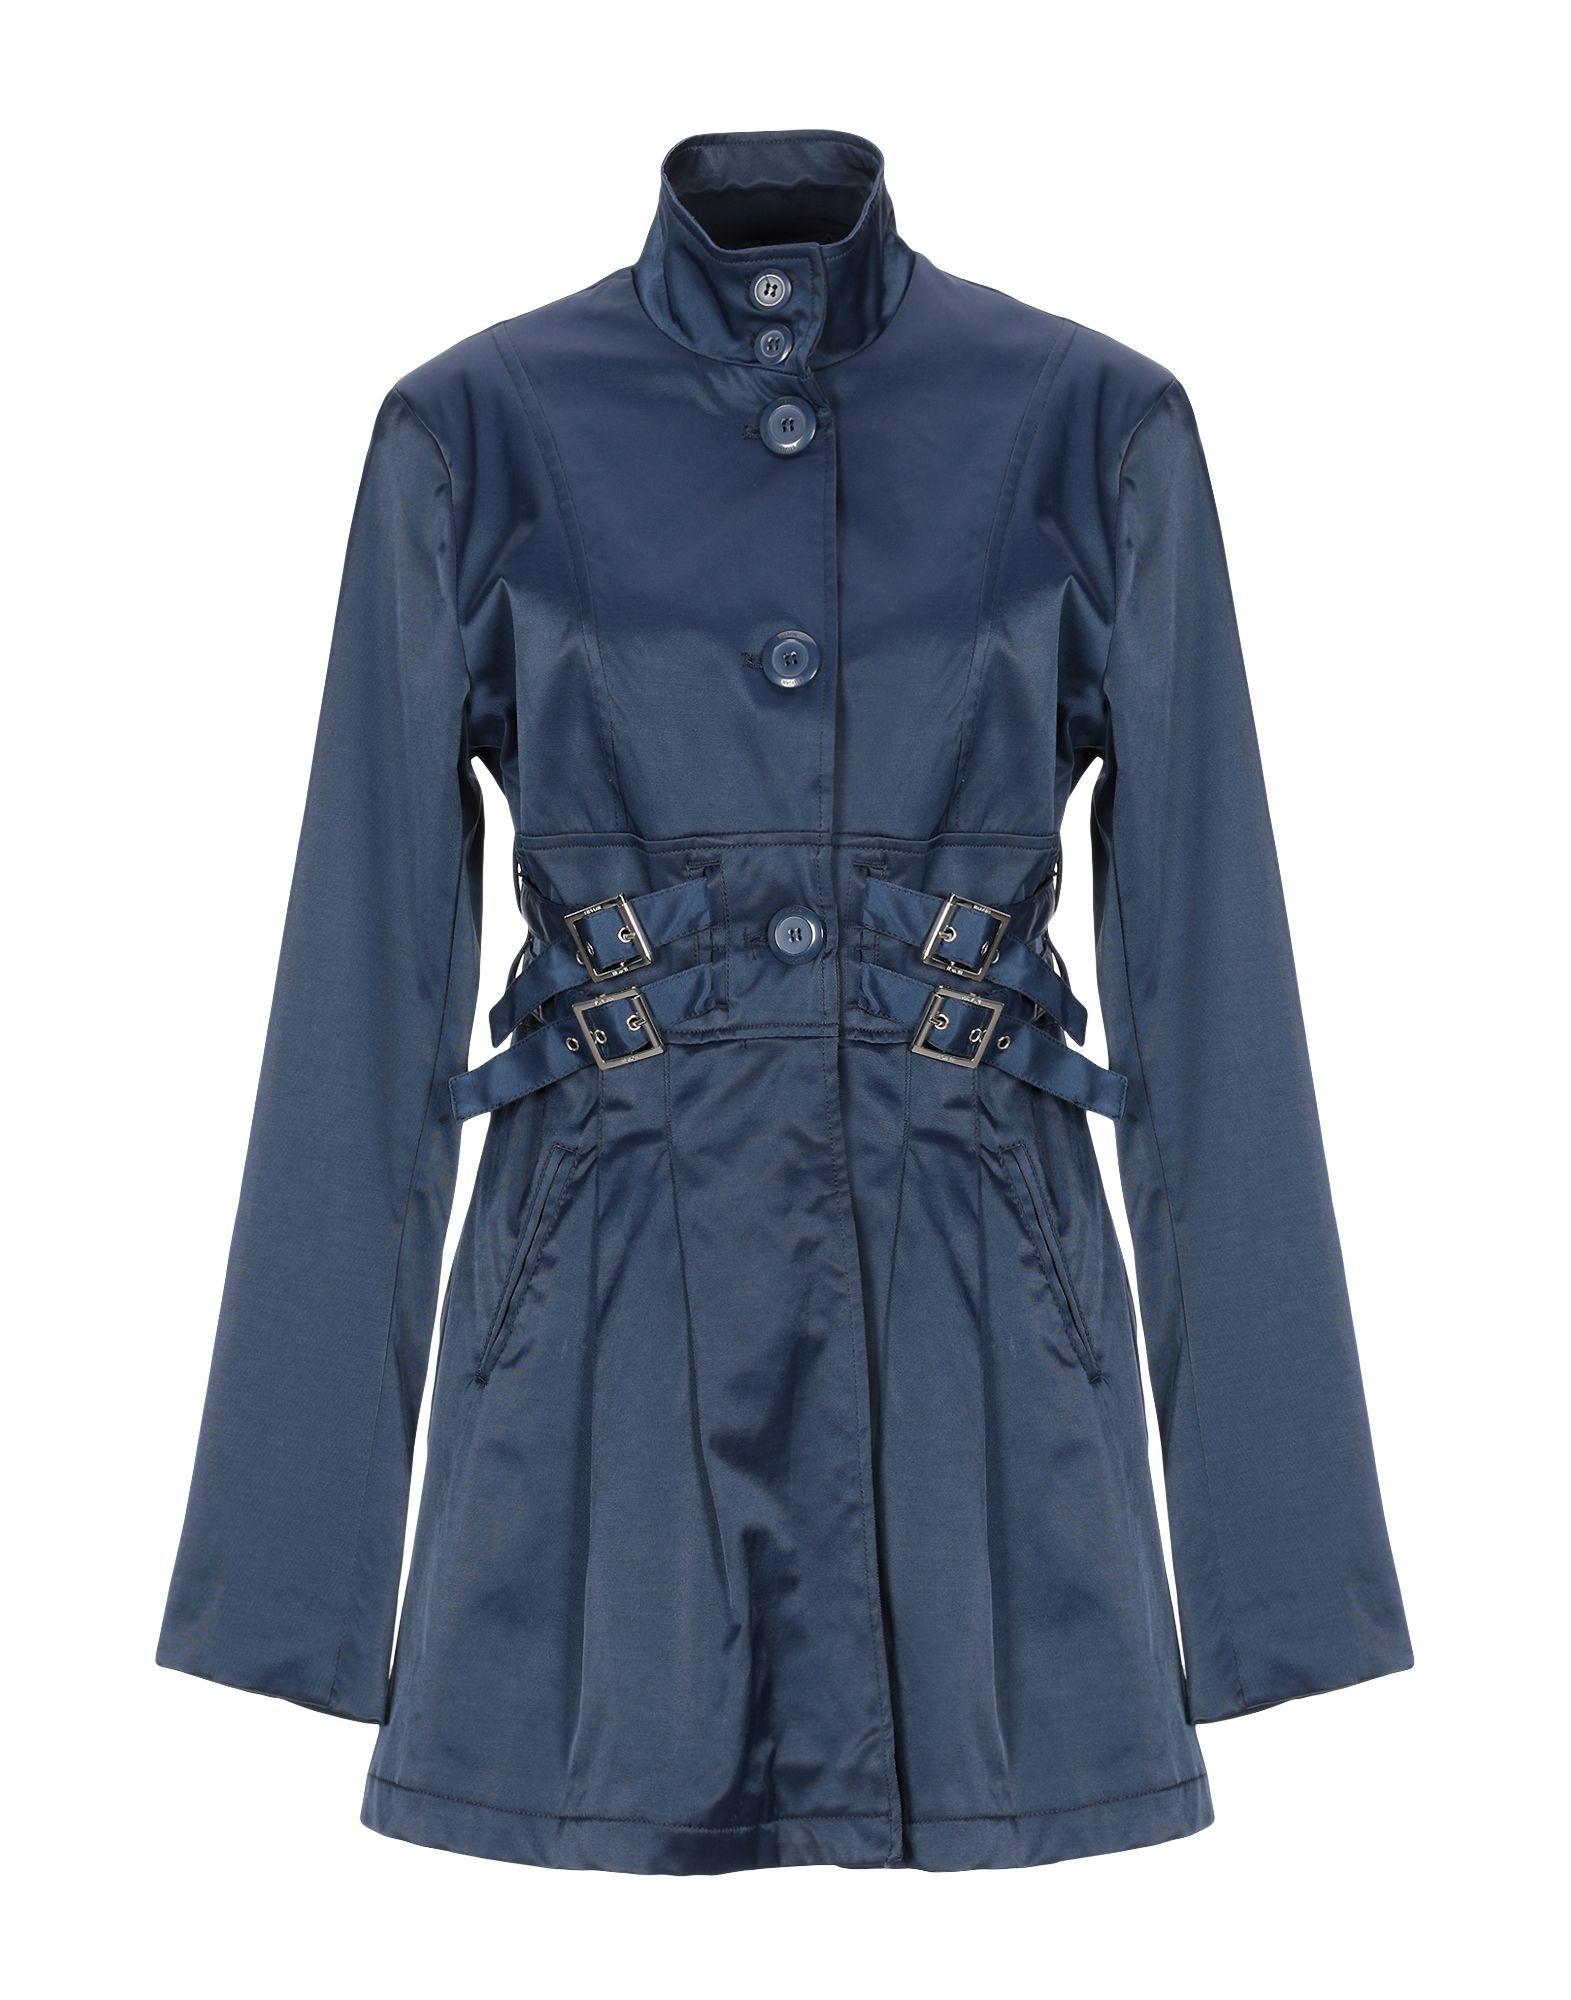 Silvian Heach Dark Blue Cotton Jacket